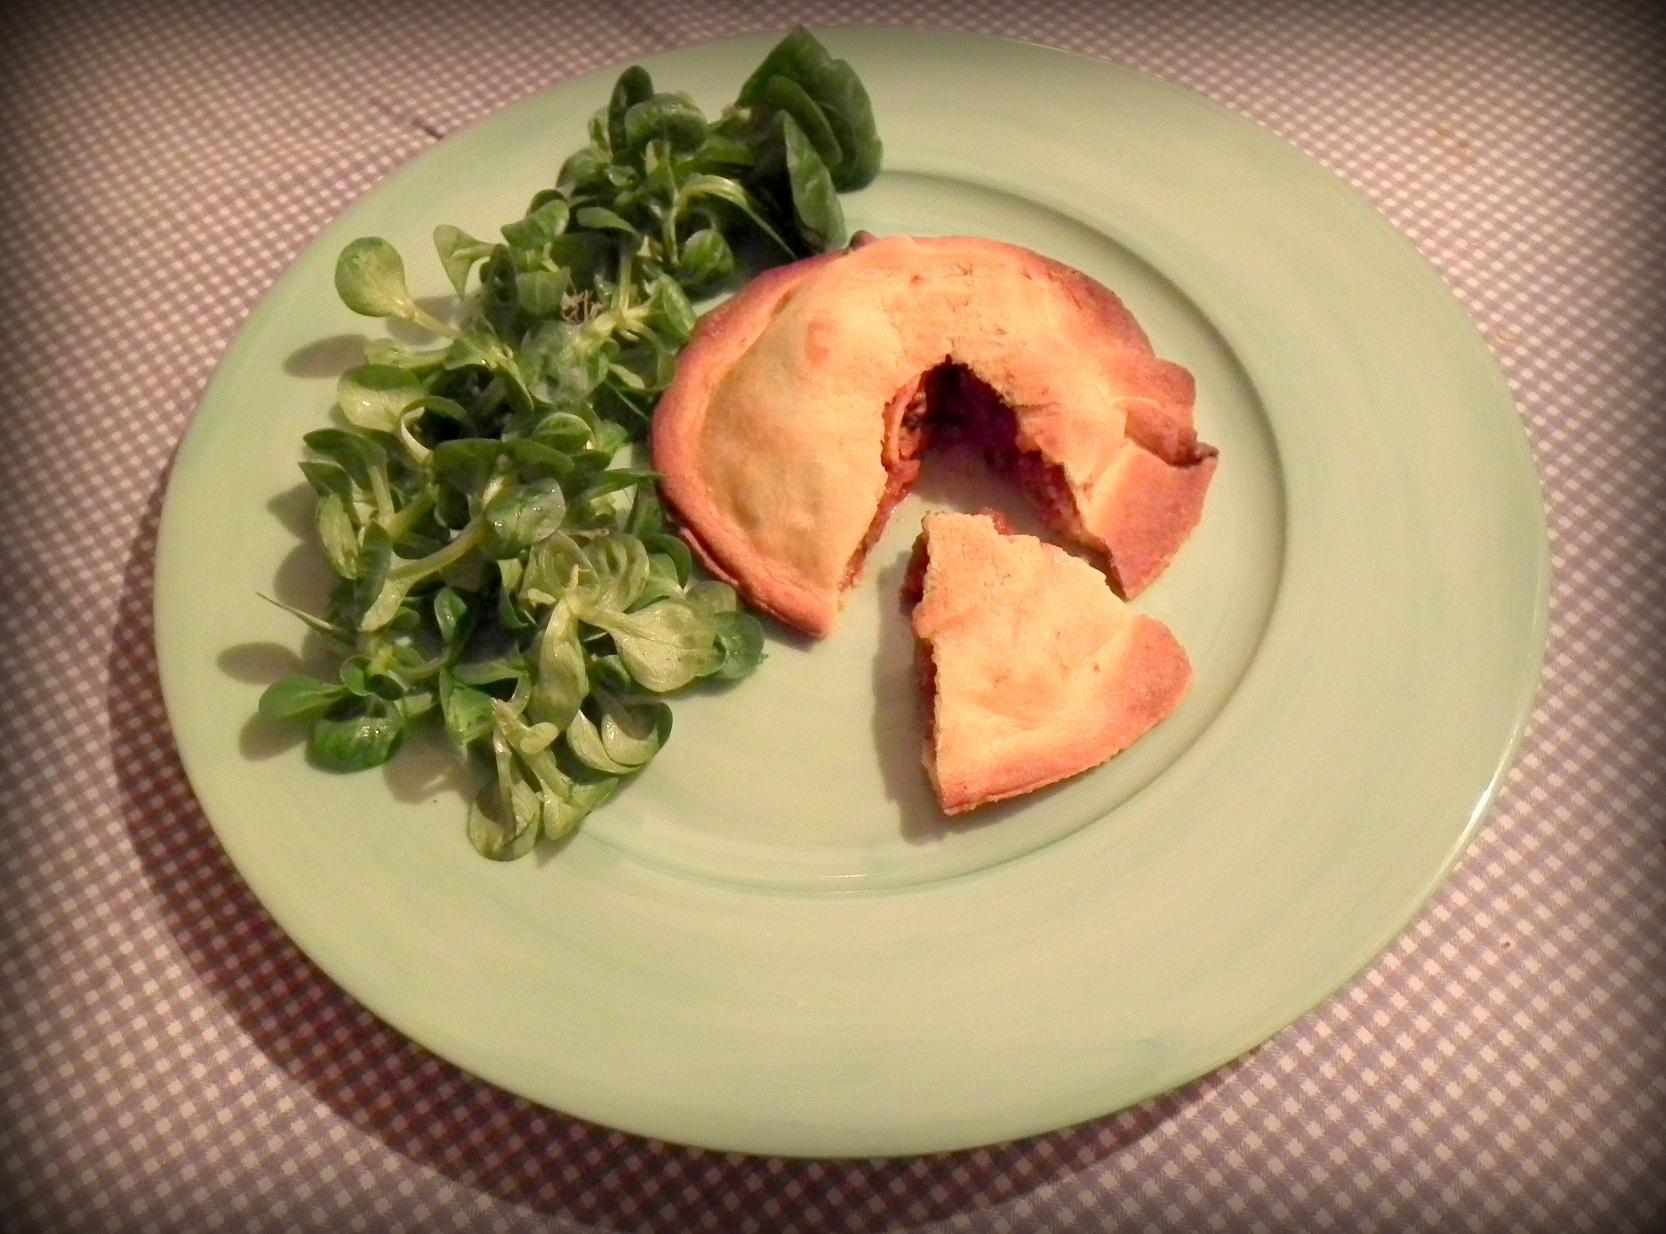 Chausson tomate-boeuf à l'huile d'olive au piment d'Espelette